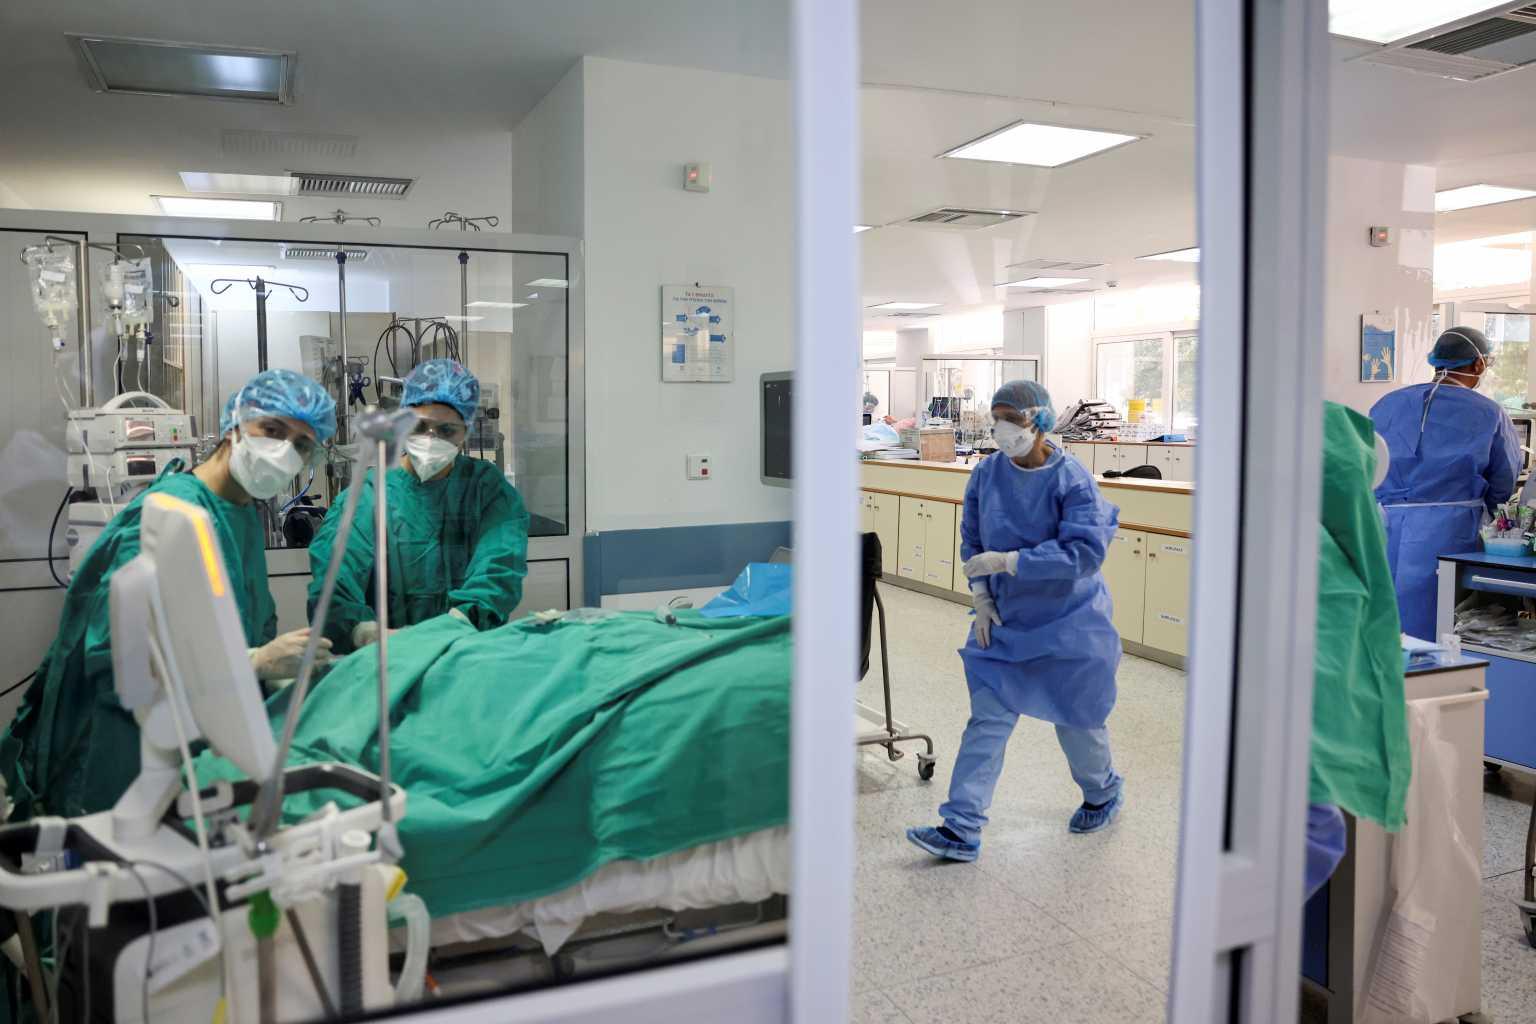 Κορονοϊός: Αποσωληνώθηκε ο 17χρονος που νοσηλεύεται στον «Ερυθρό Σταυρό» (vid)